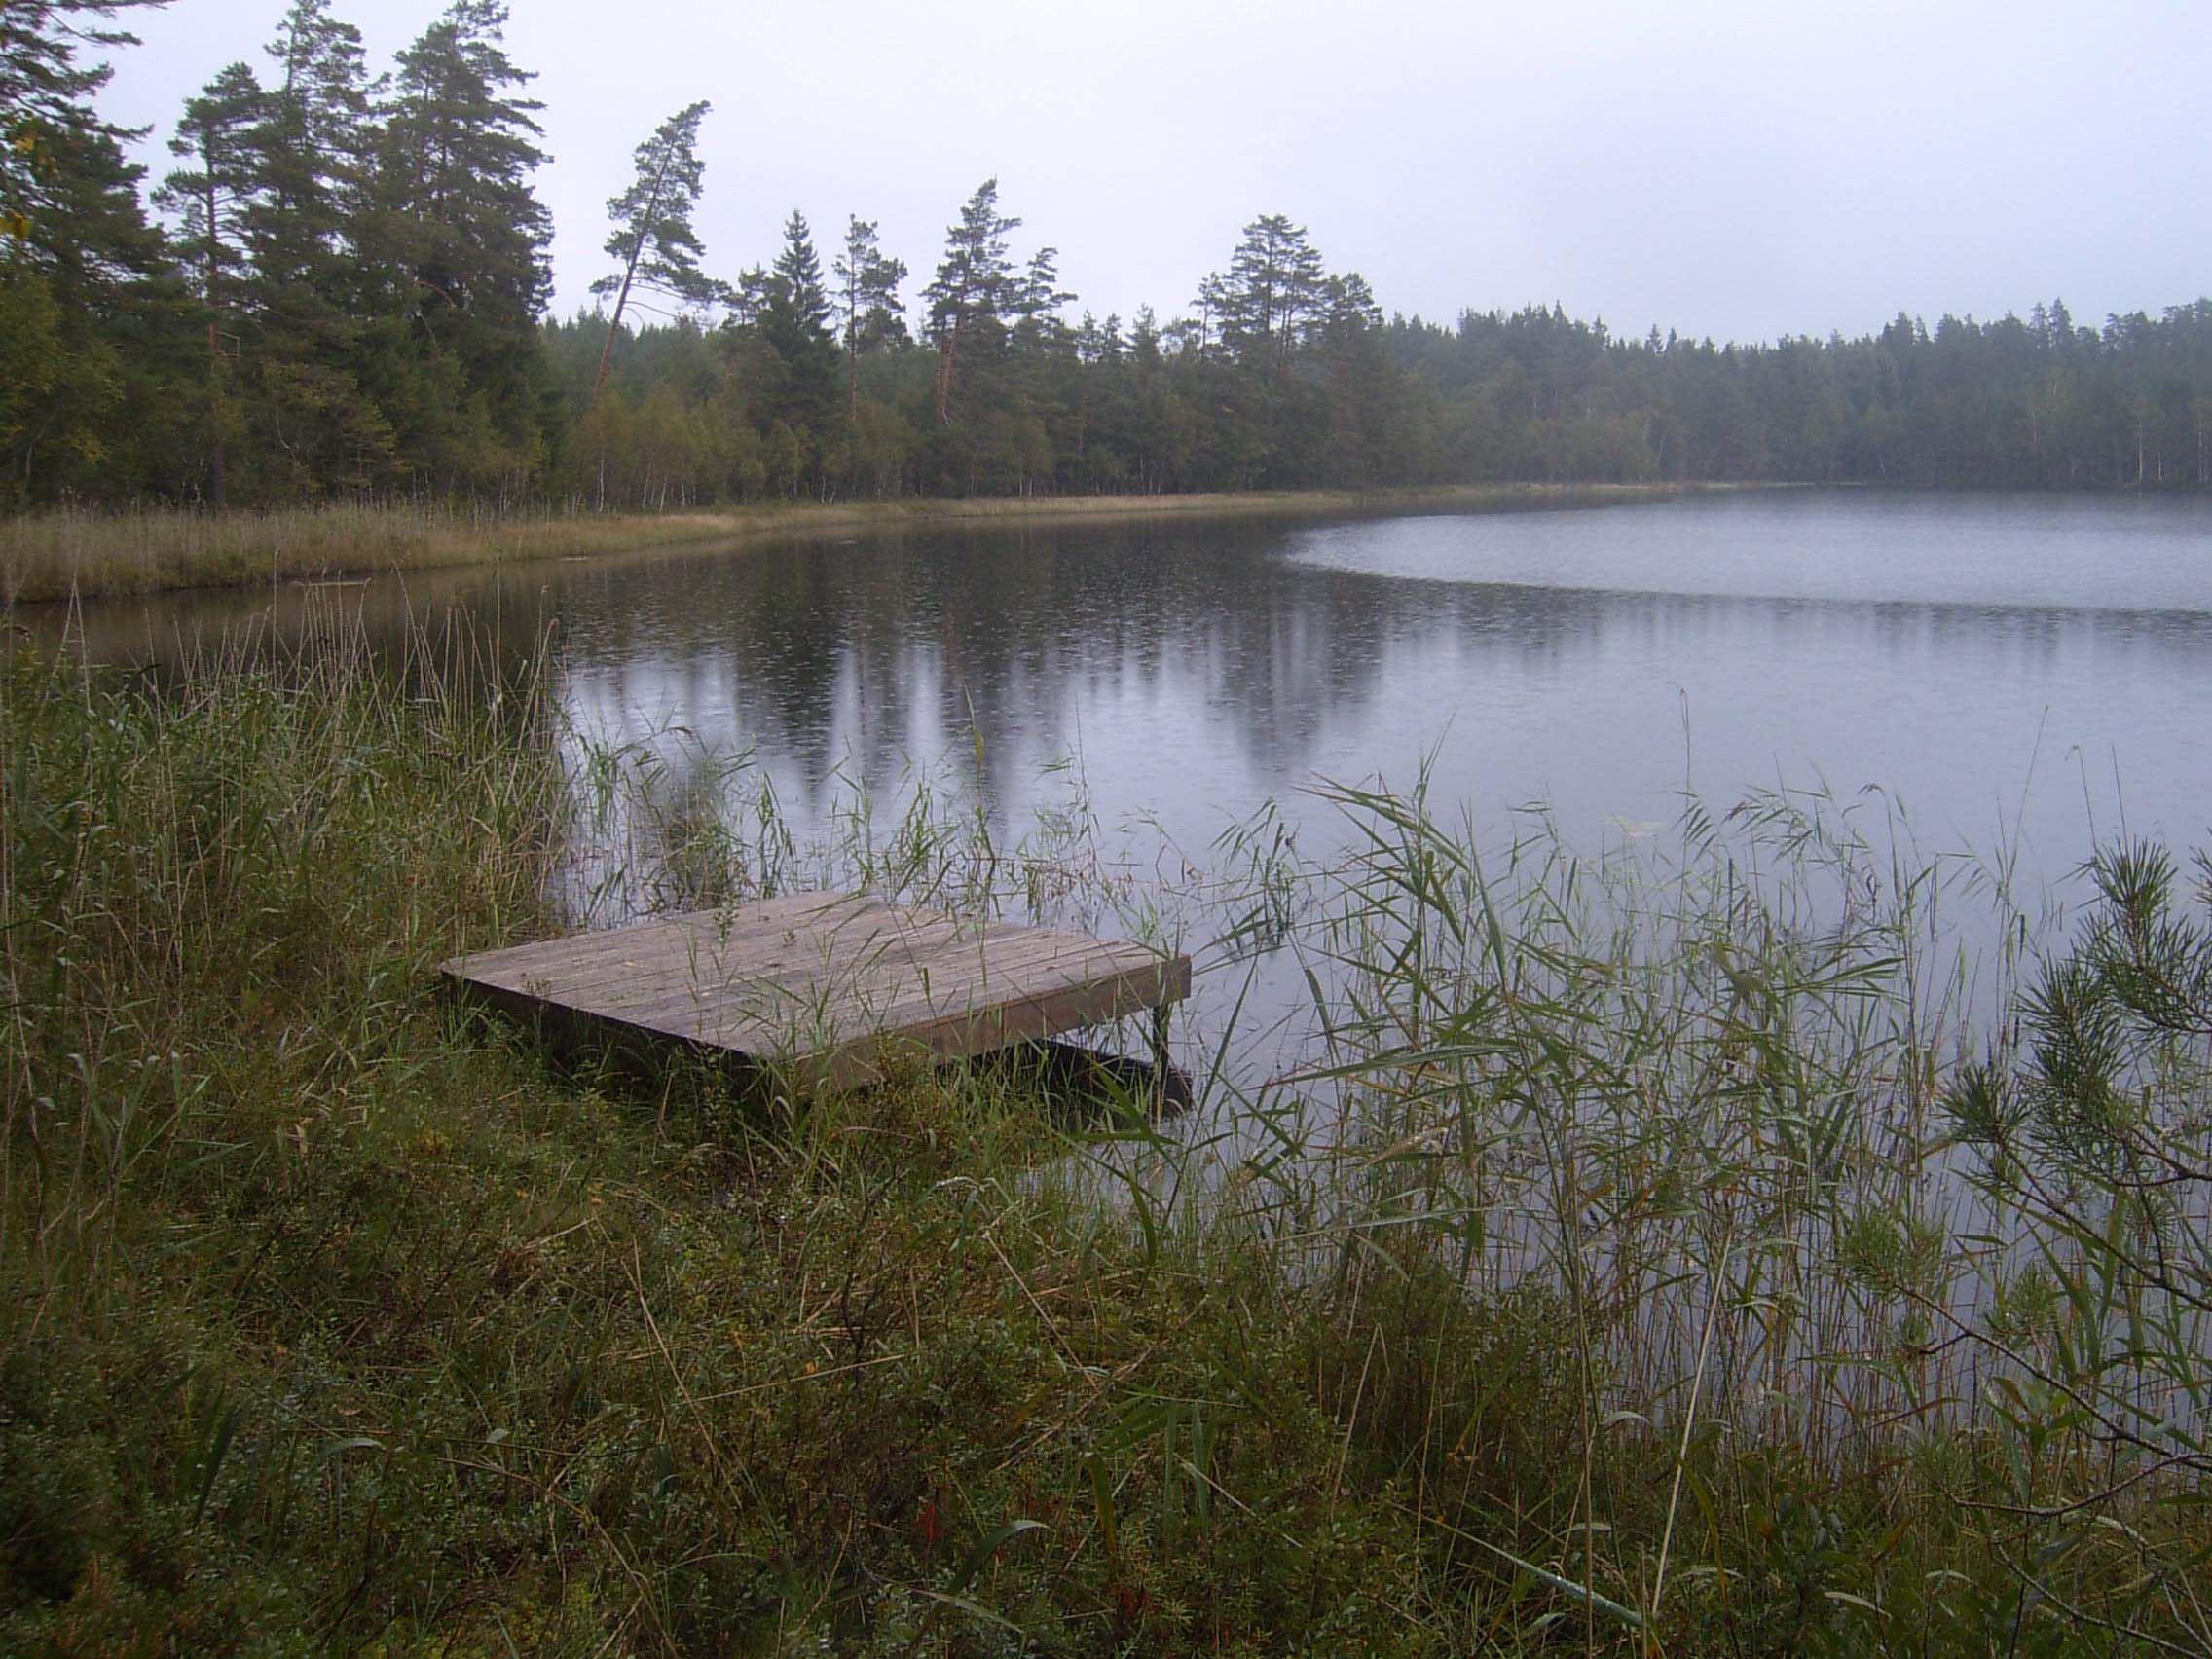 C-J Månsson, Stockebrogöl, Stora Hammarsjöområdet